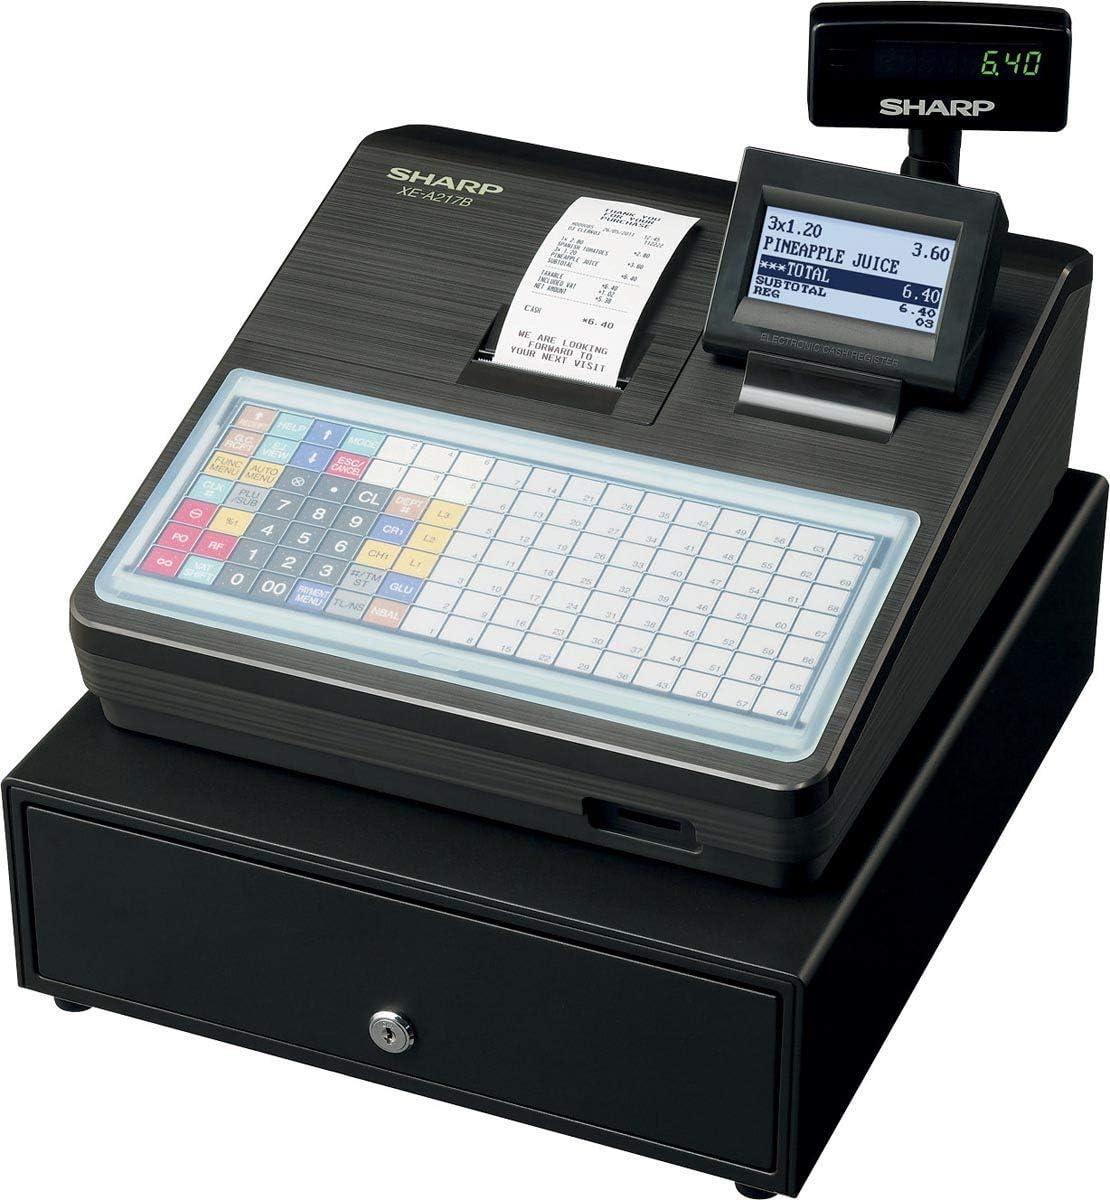 Sharp Caja registradora electrónica XE-A217B - negra: Amazon.es: Informática